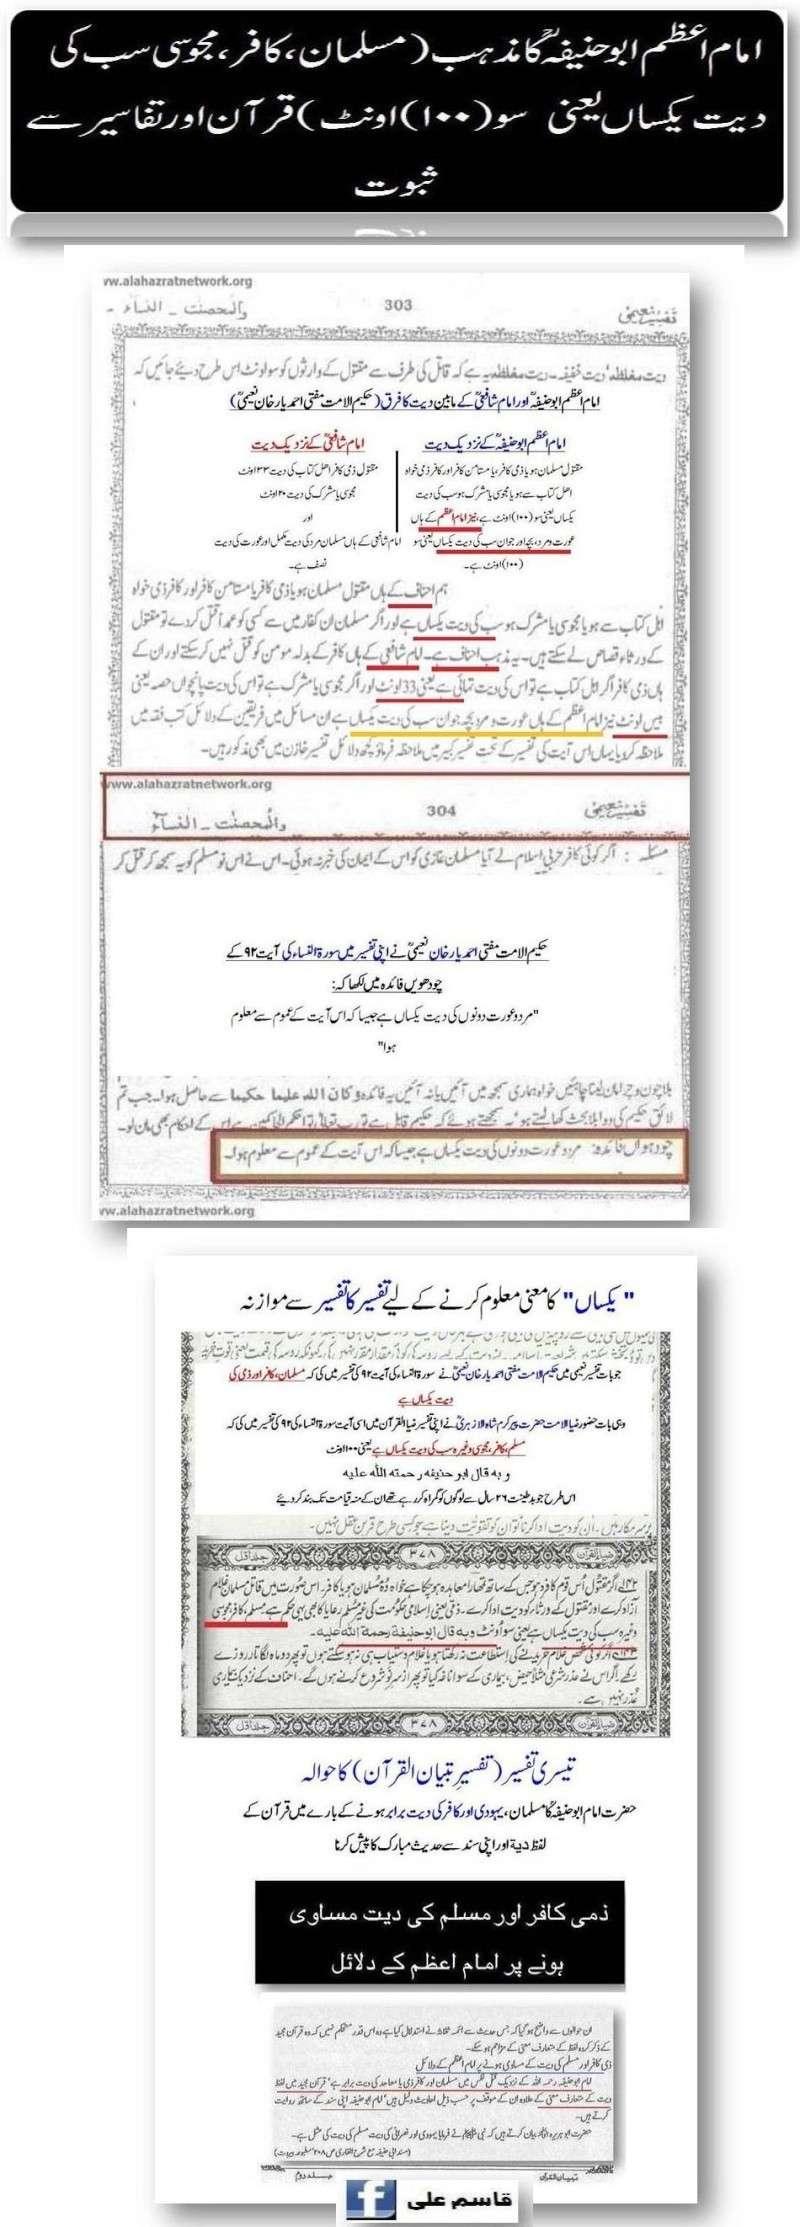 دیت کی جعلی فتوی فیکٹری پر منہاج القرآن کی فتح کا جھنڈا - Page 2 6d10